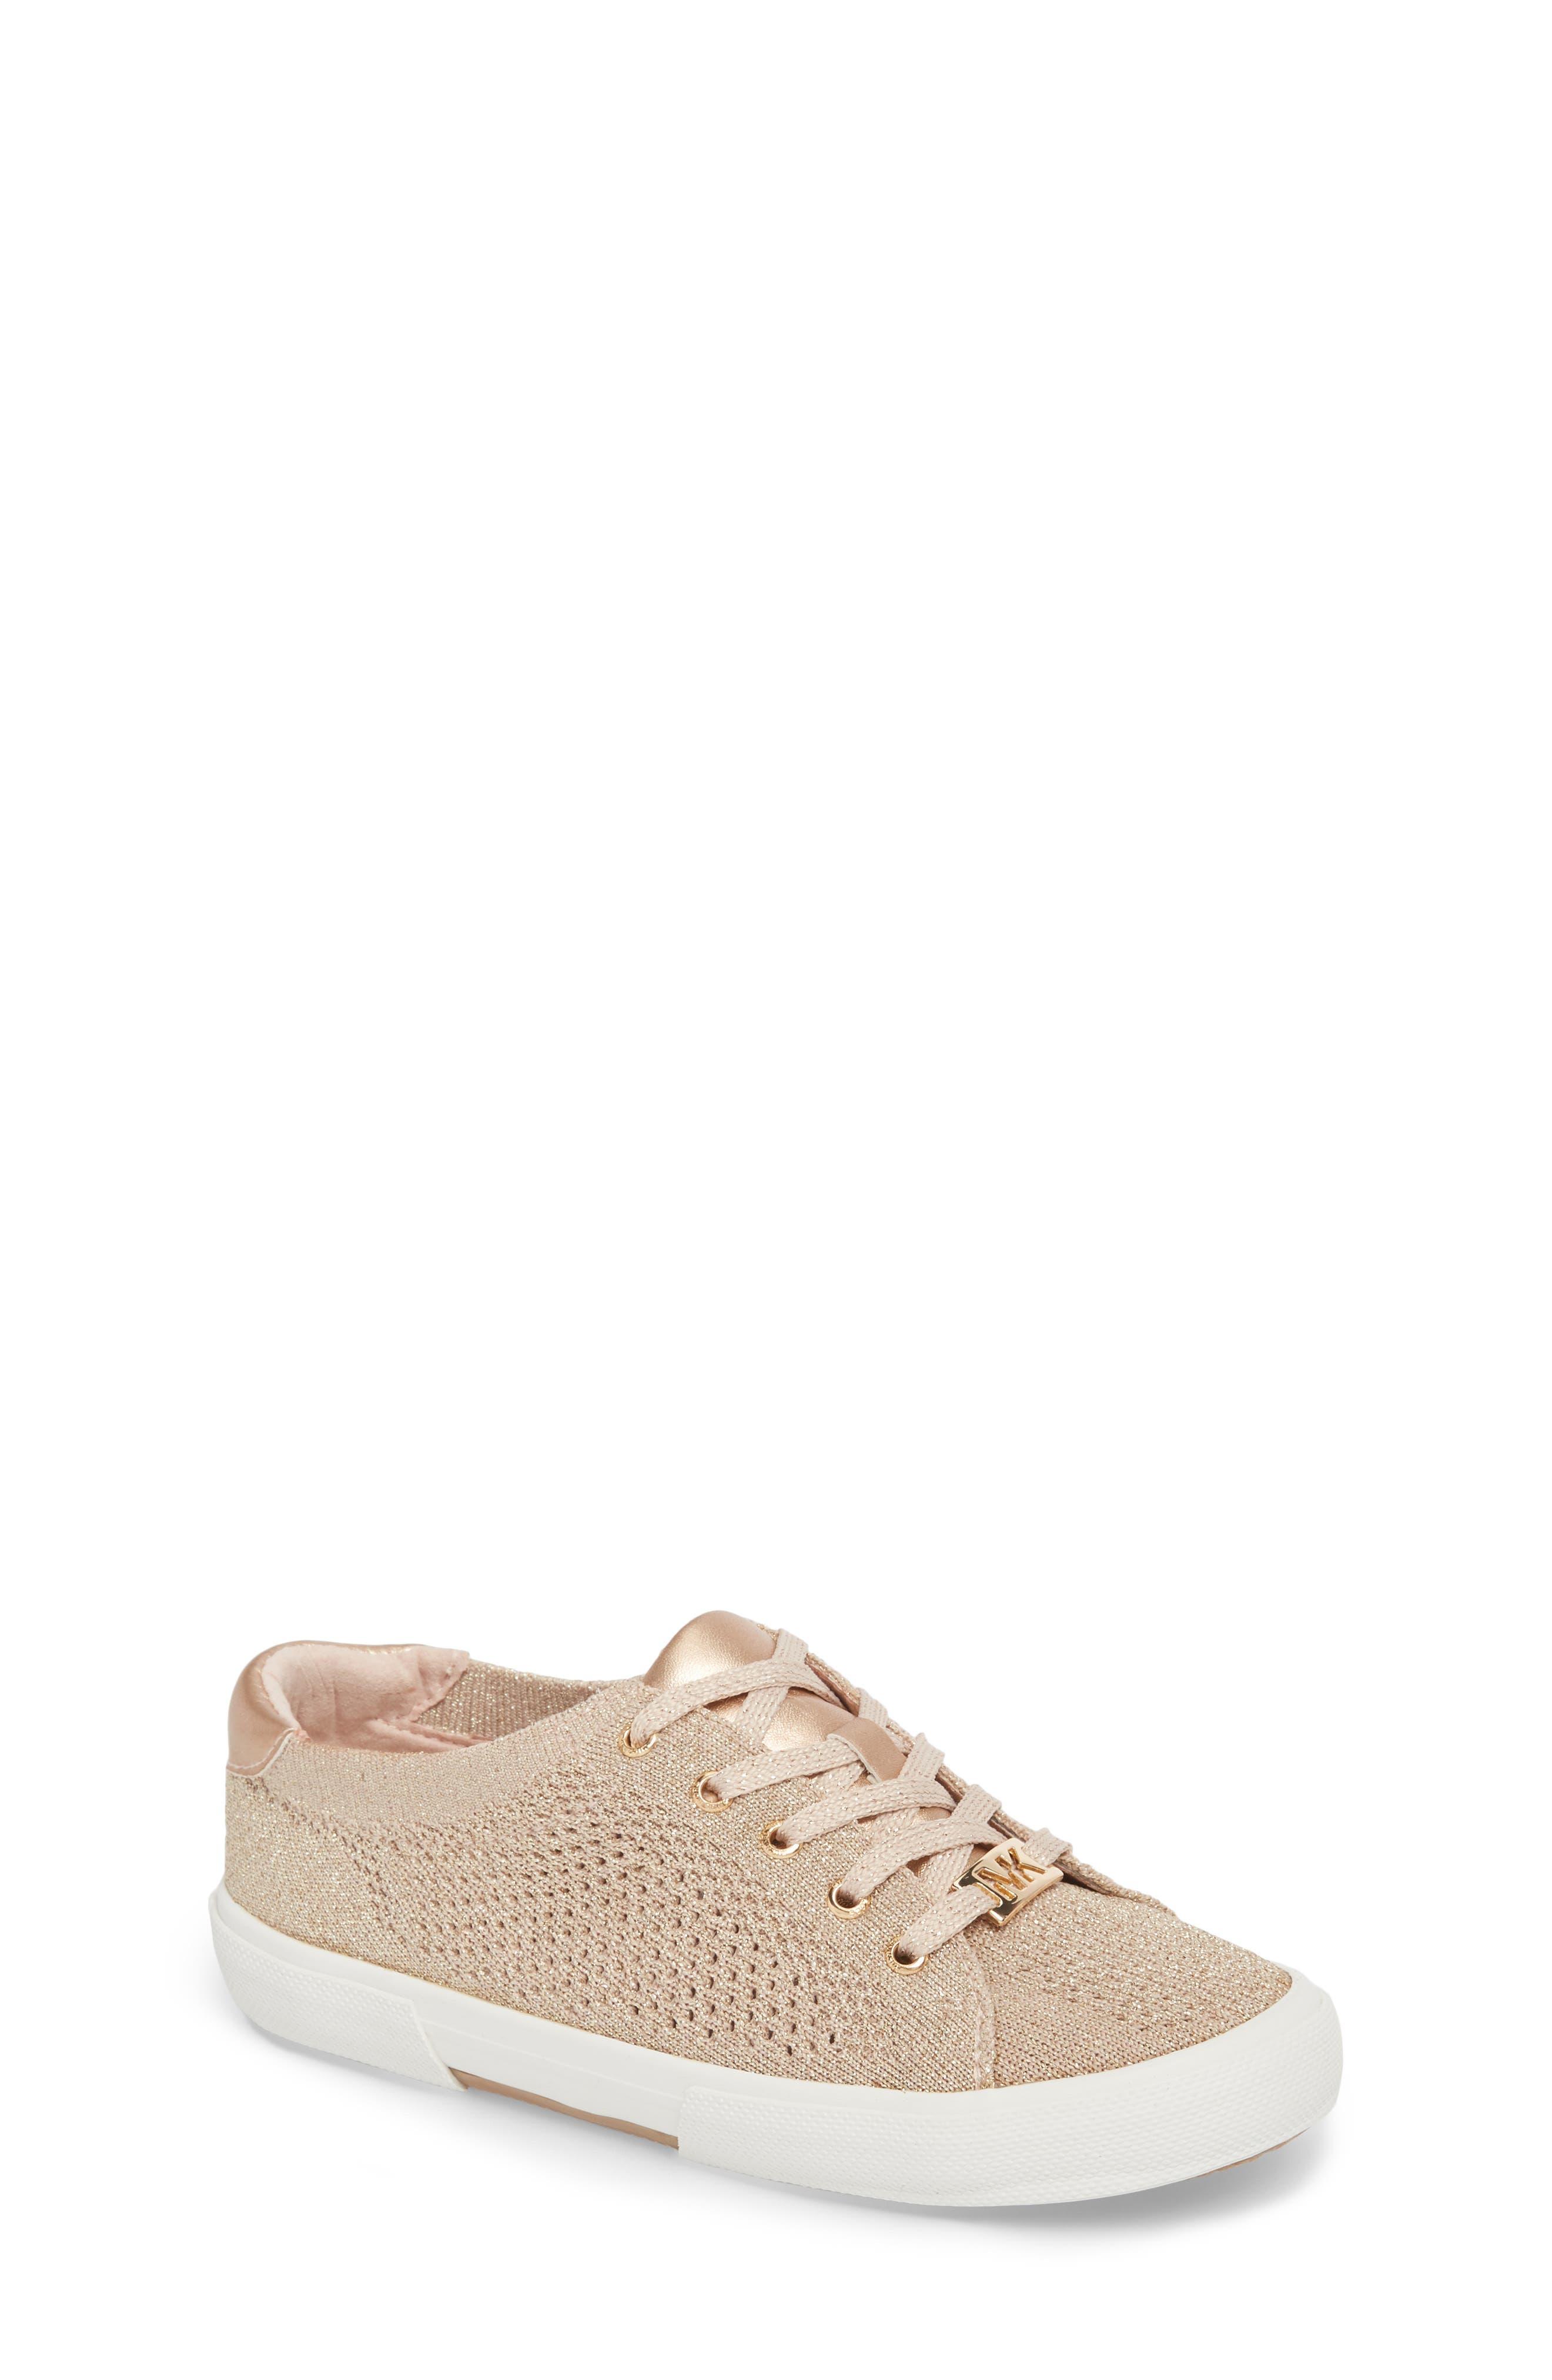 Ima Metallic Knit Sneaker,                             Main thumbnail 1, color,                             BLUSH SHIMMER